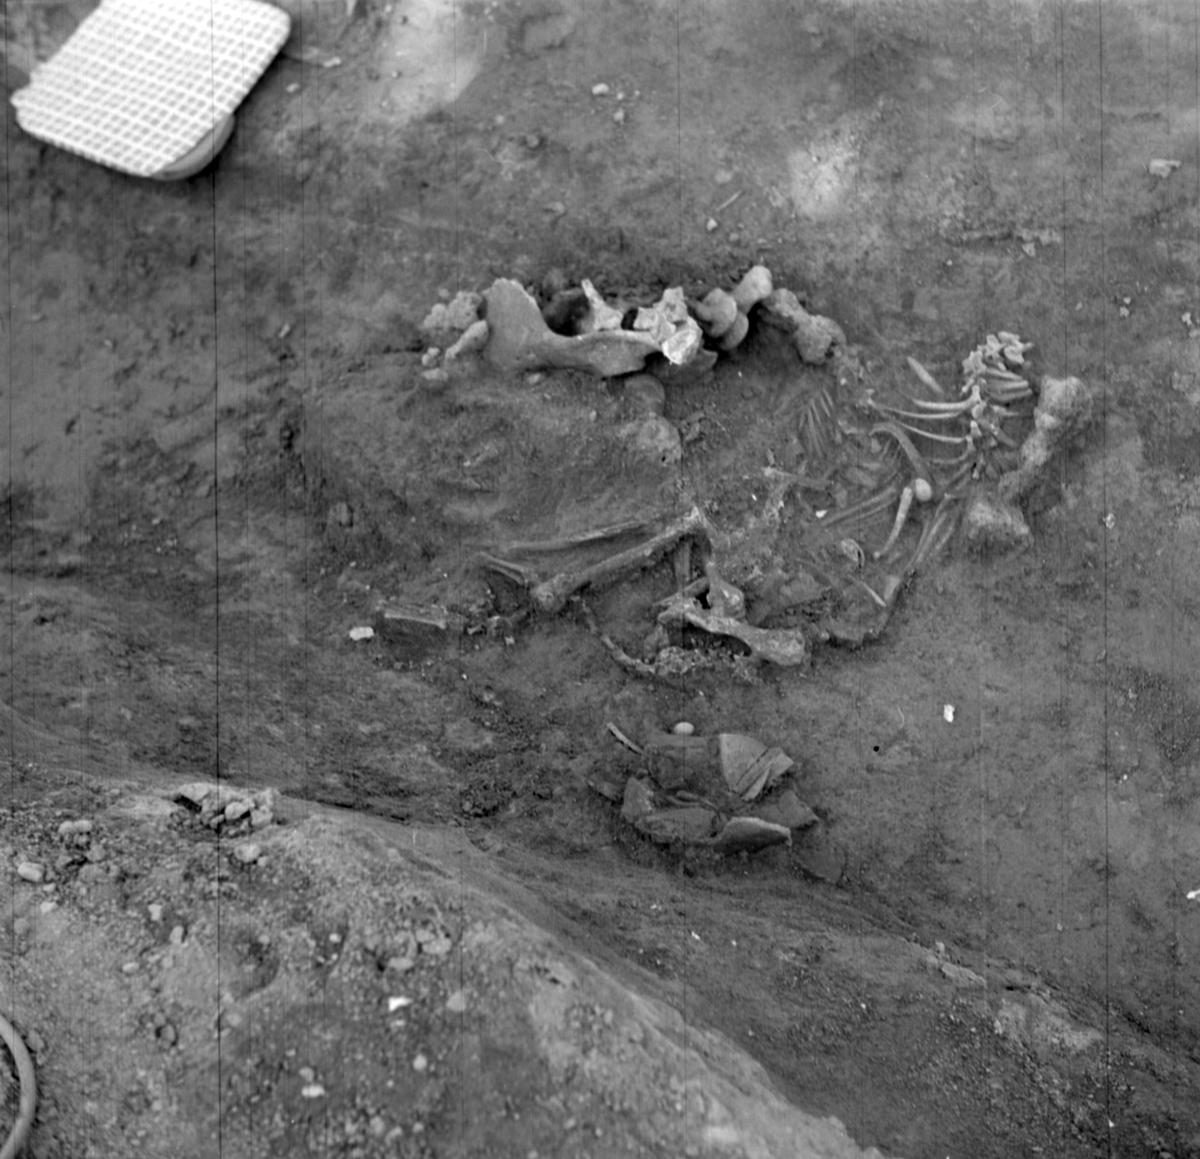 Prästgården, lerkärl och hundskelett grav 1 - Arkeologi Gamla Uppsala 1973